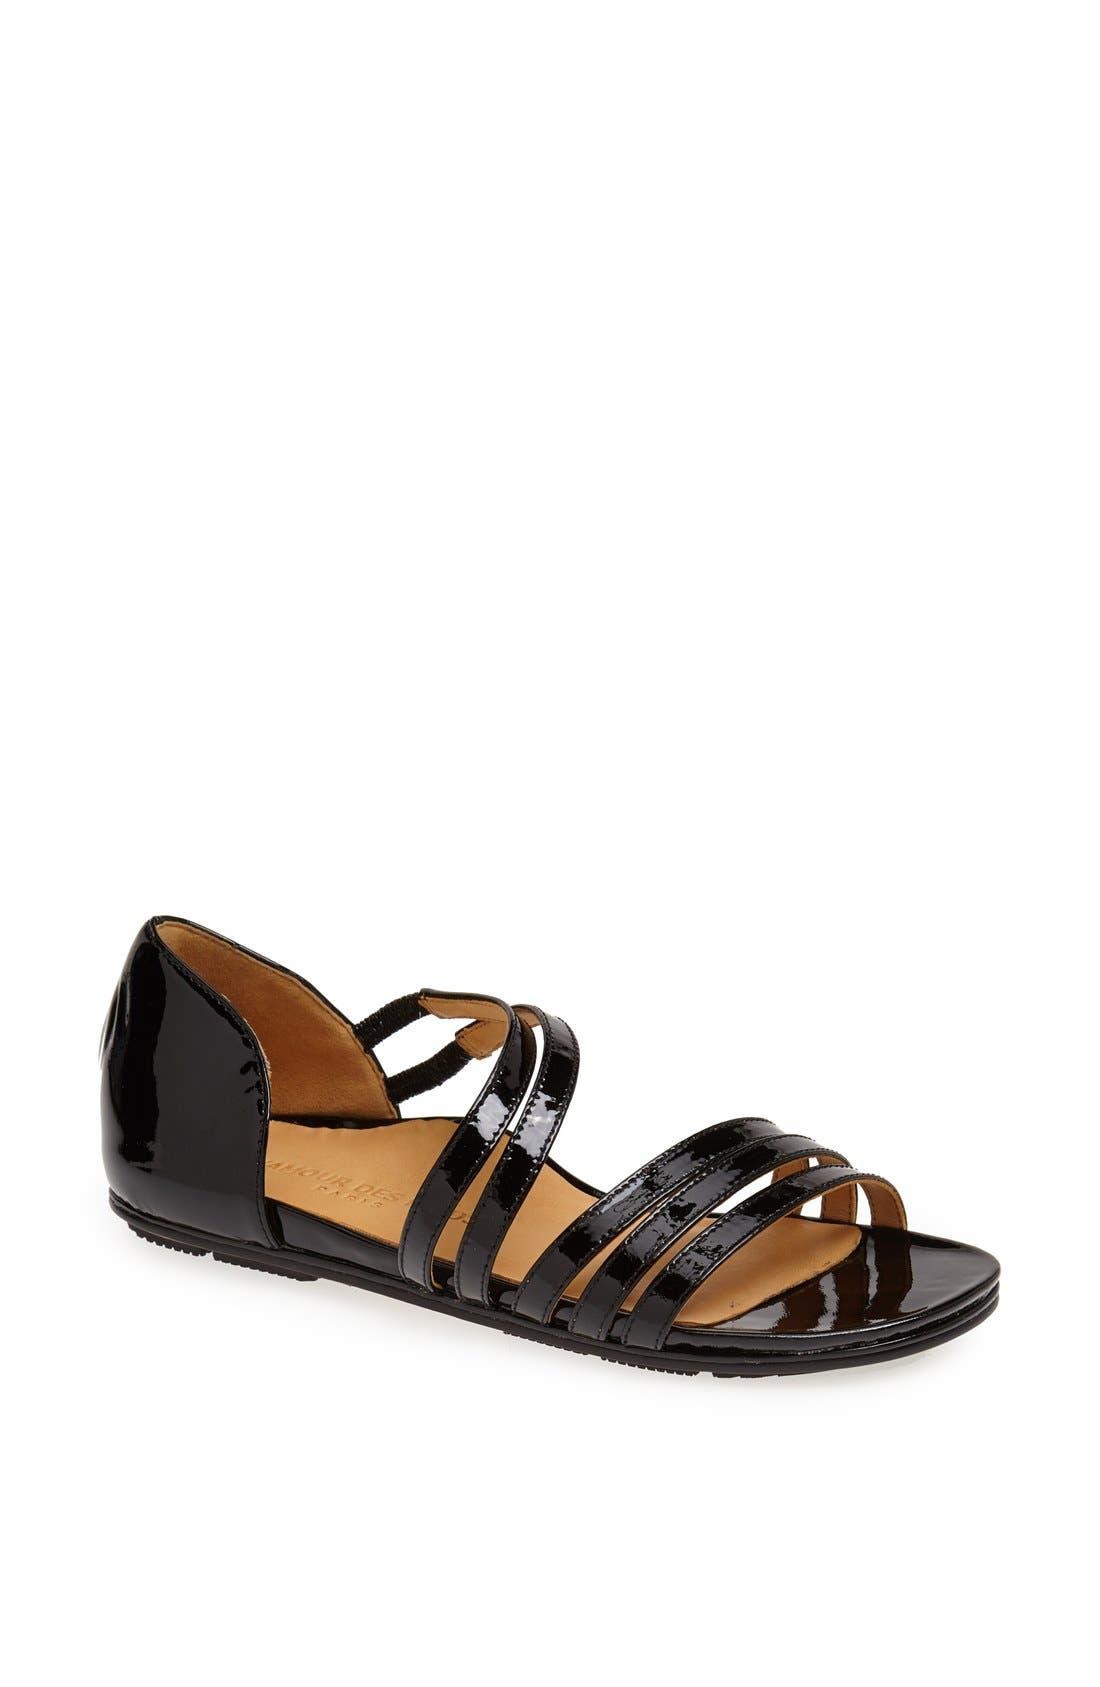 Main Image - L'Amour des Pieds'Dolce' Sandal